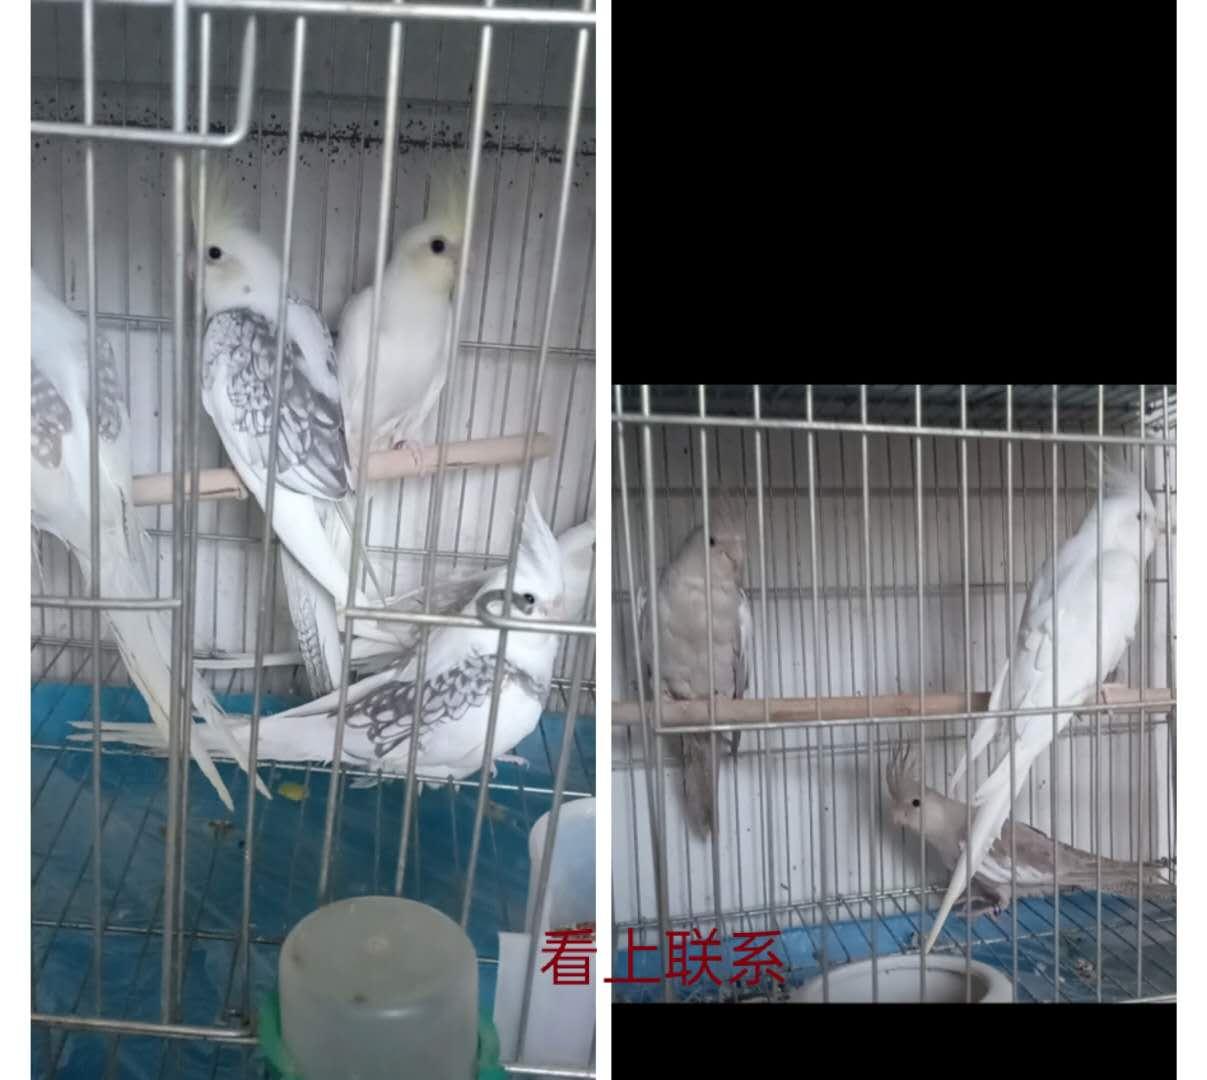 出售宠物鸟,玄凤鹦鹉,喜欢联系